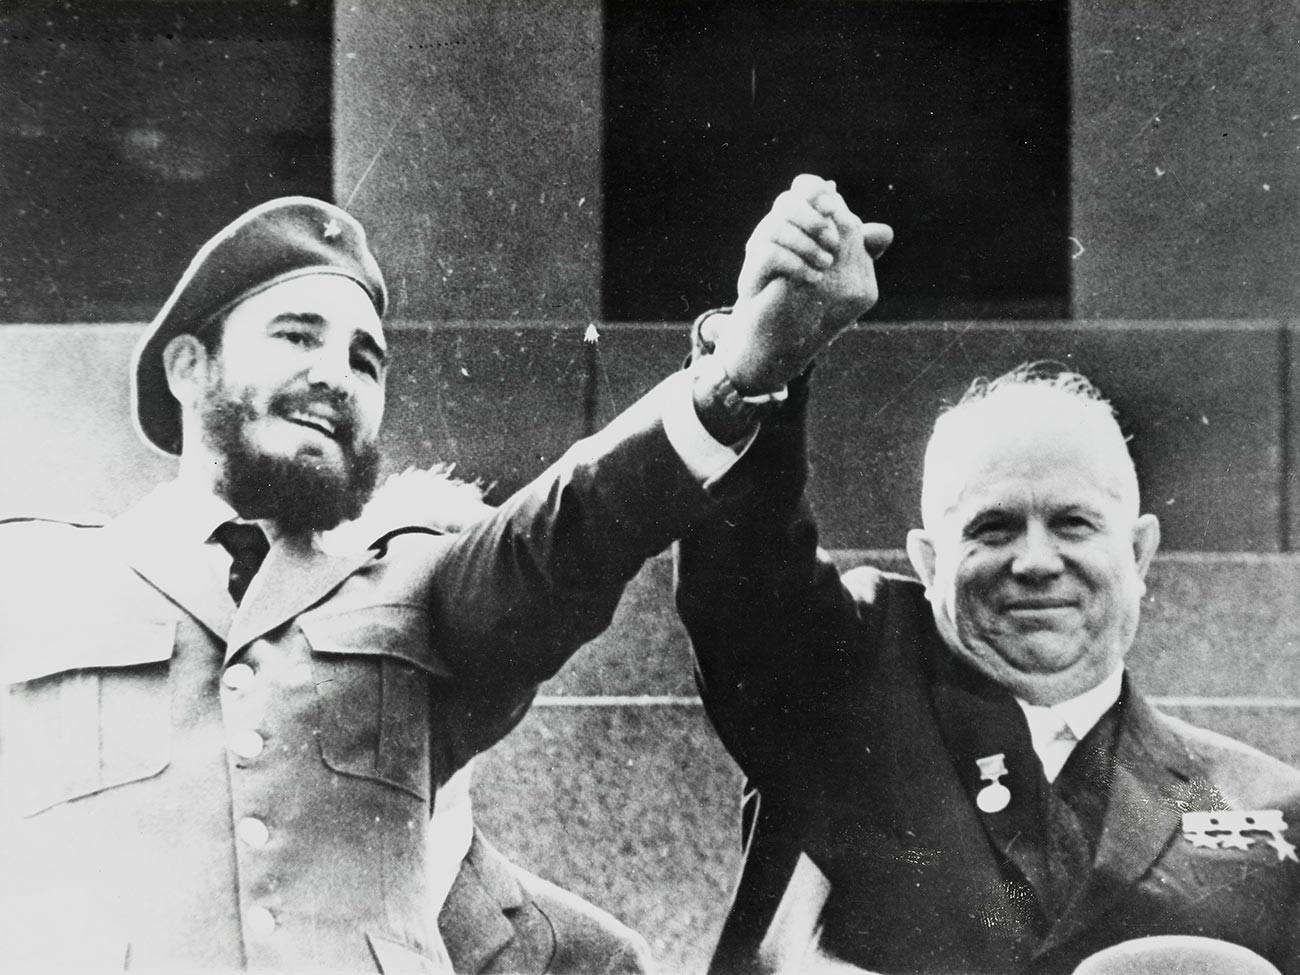 Nikita Khrushchev dan Fidel Castro selama menonton Parade Hari Buruh di Lapangan Merah, Moskow.